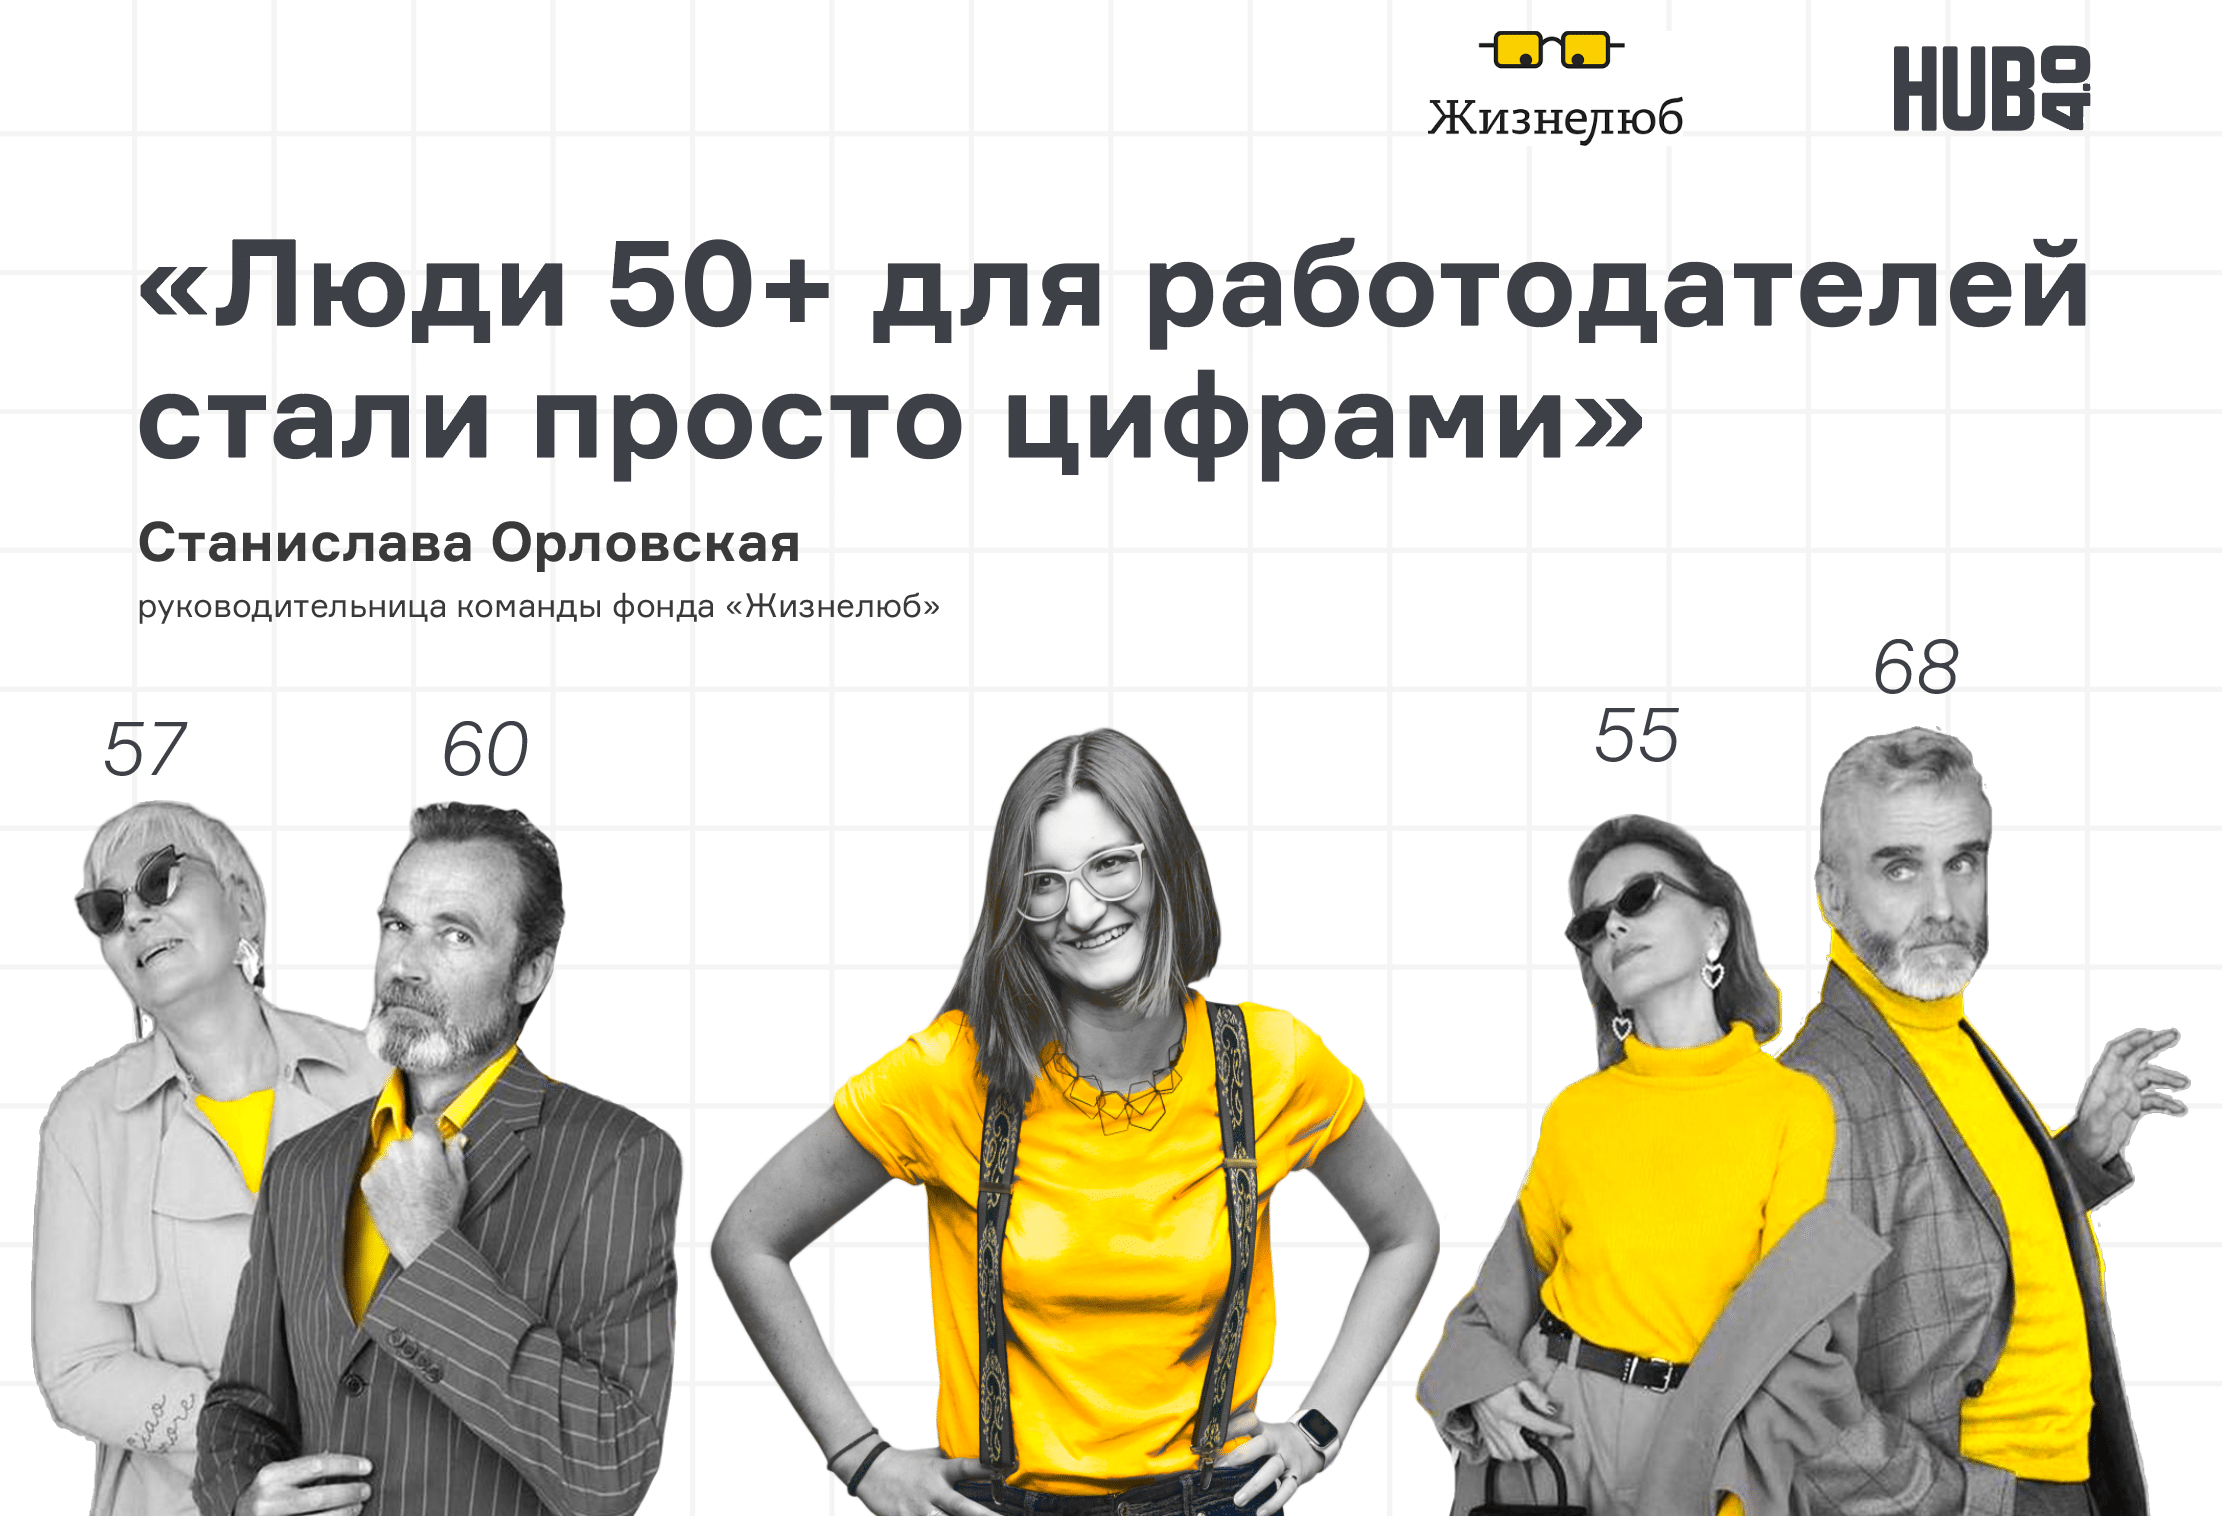 Станислава Орловская: «Что с эйджизмом в Украине?»